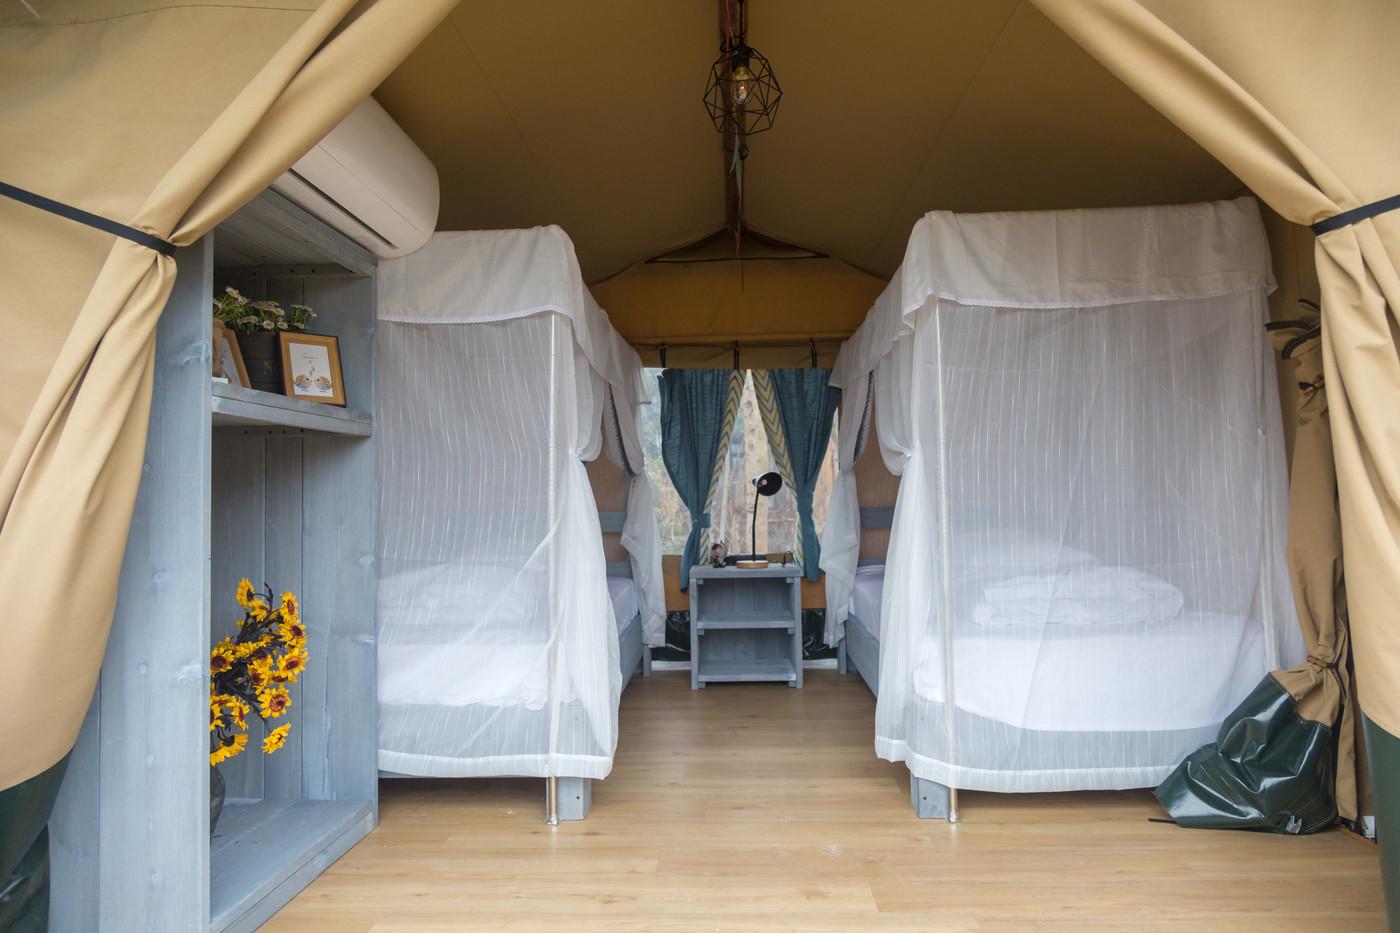 喜马拉雅上海迪士尼邻家营地子母房平地帐篷酒店32